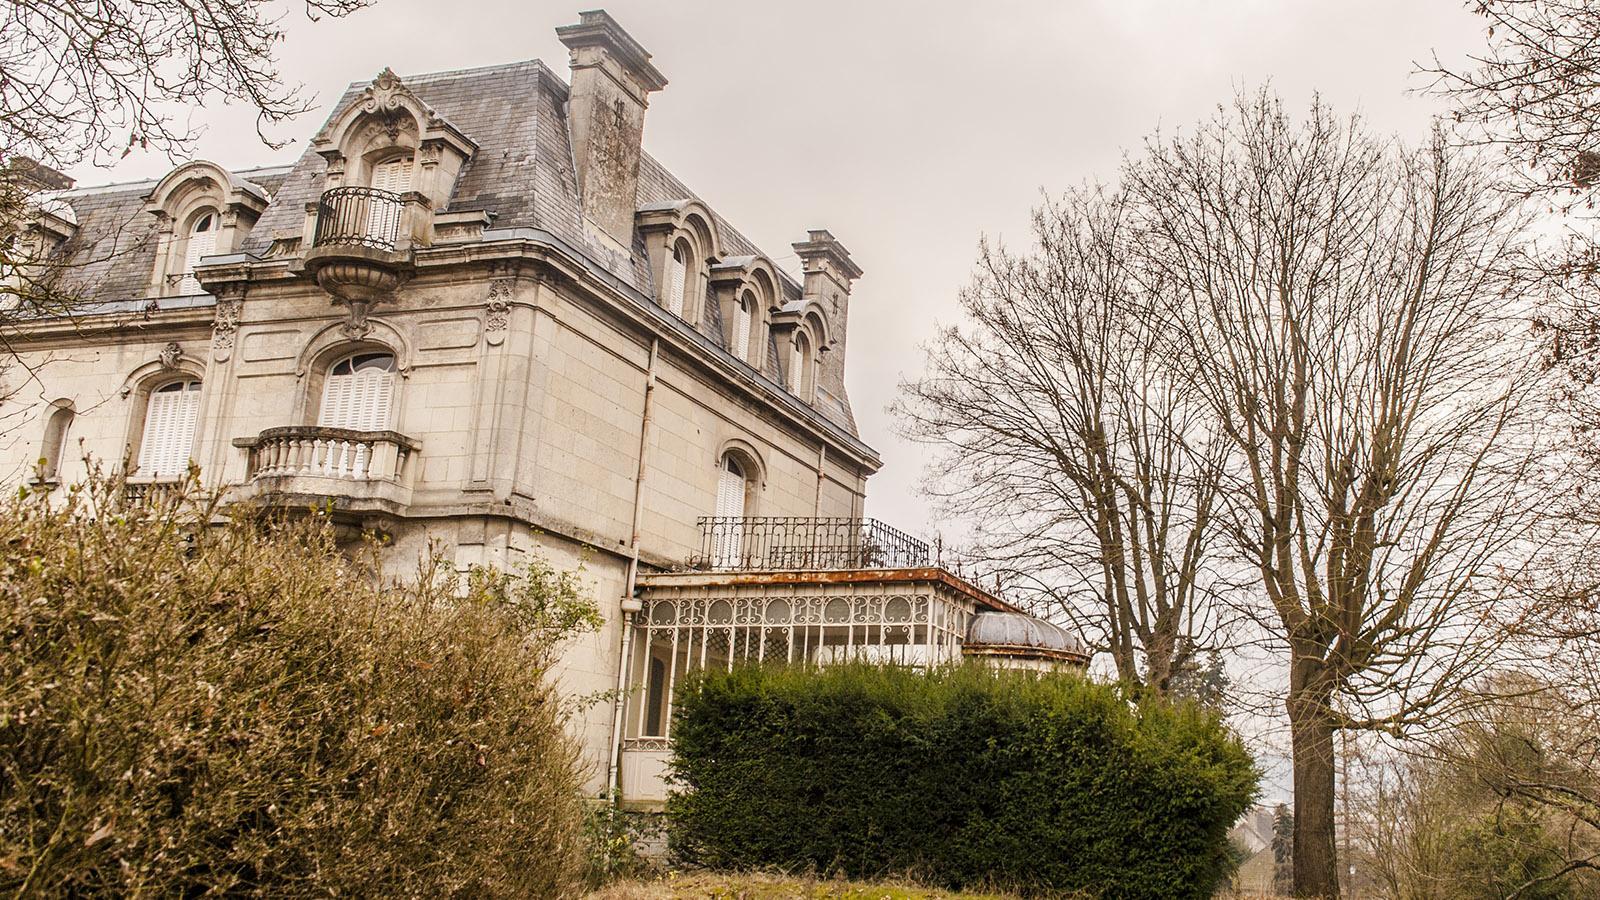 Abriss und Neubau: Immer mehr Gründerzeitvillen fallen der Abrissbirne zum Opfer. Auch solche wunderschöne Häuser... Foto: Hilke Maunder